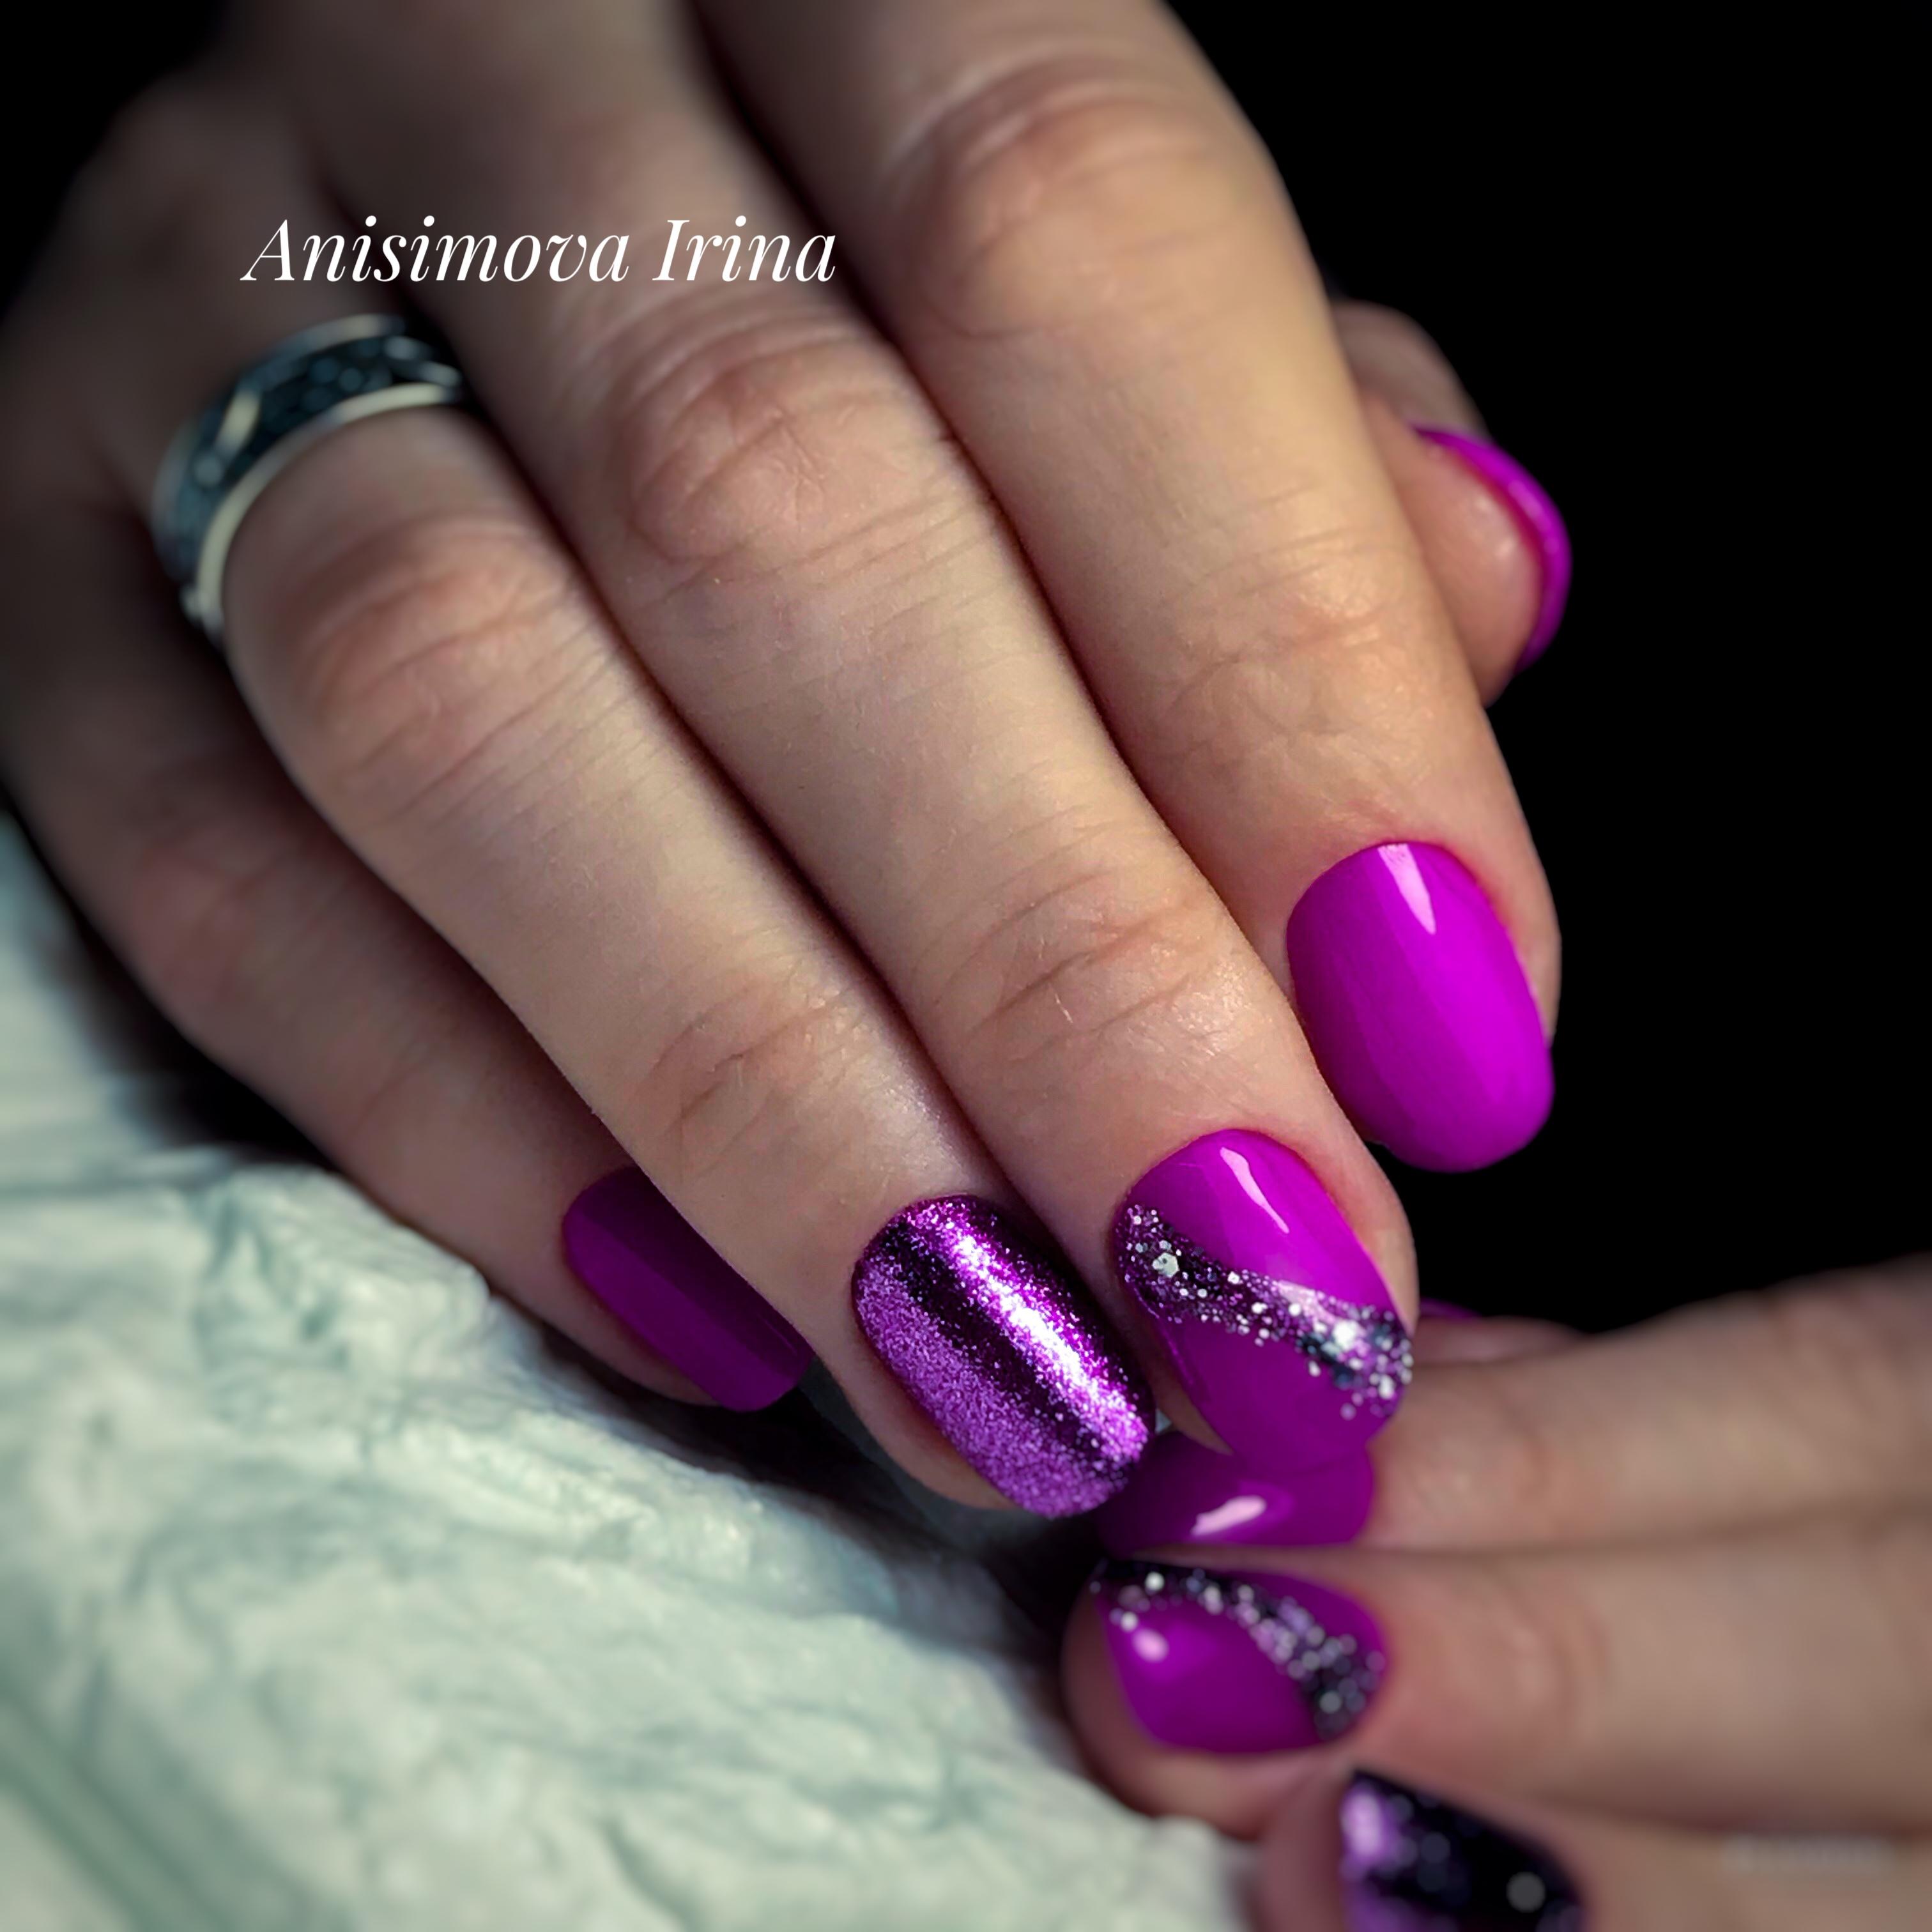 Маникюр с блестками в фиолетовом цвете.